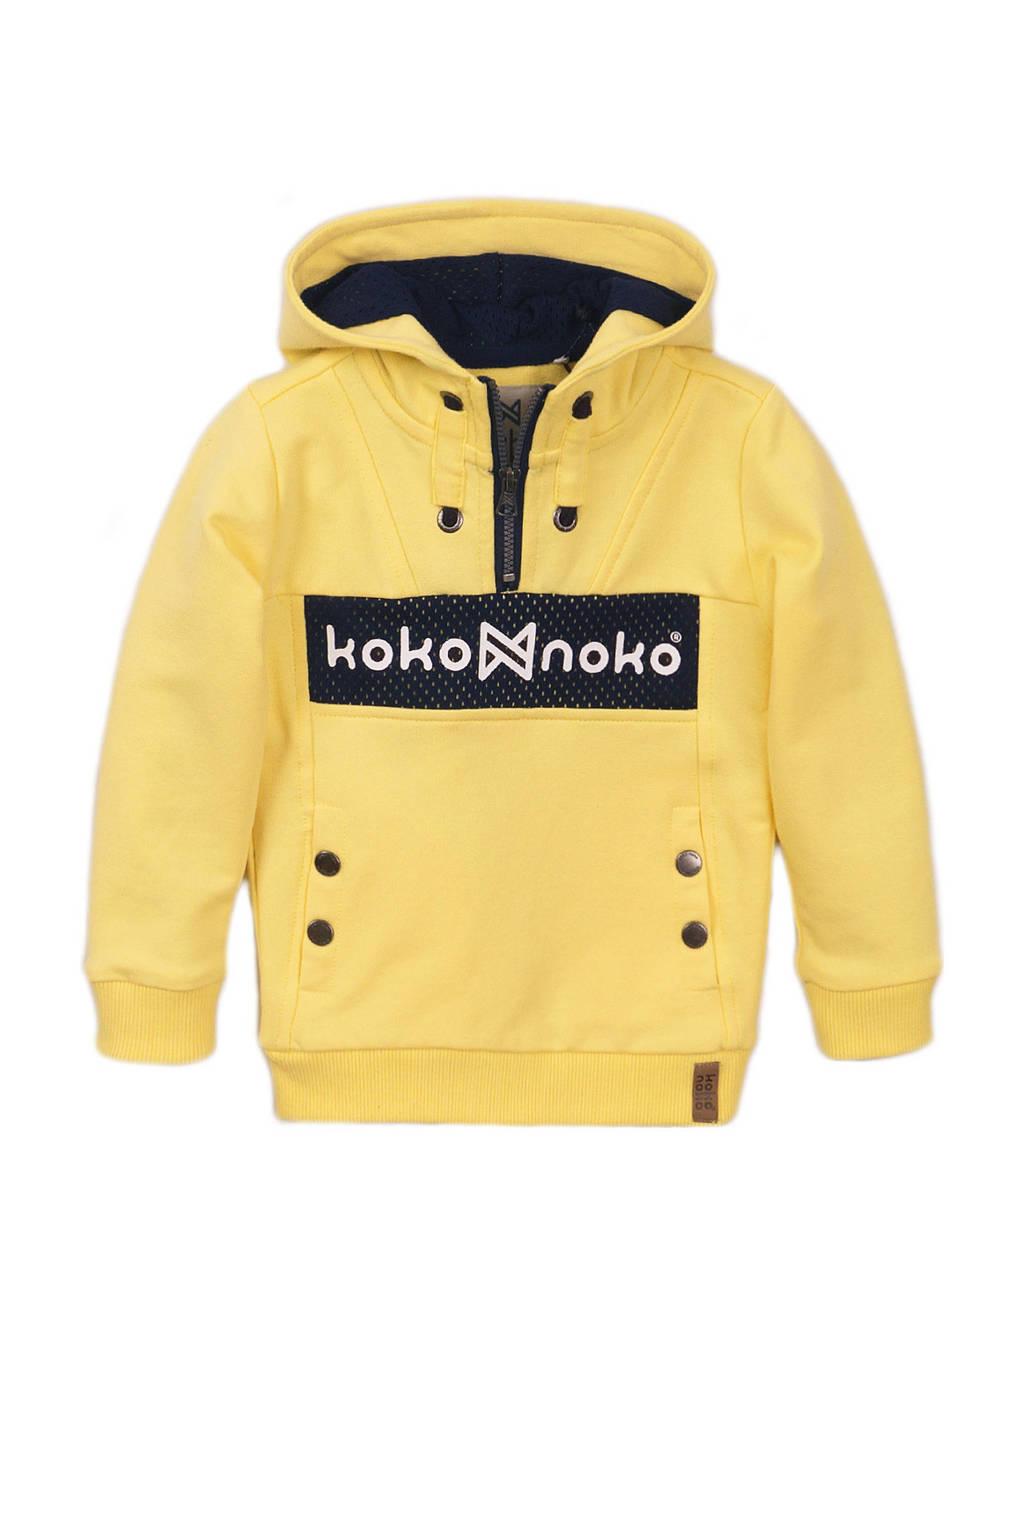 Koko Noko hoodie met logo geel/zwart, Geel/zwart